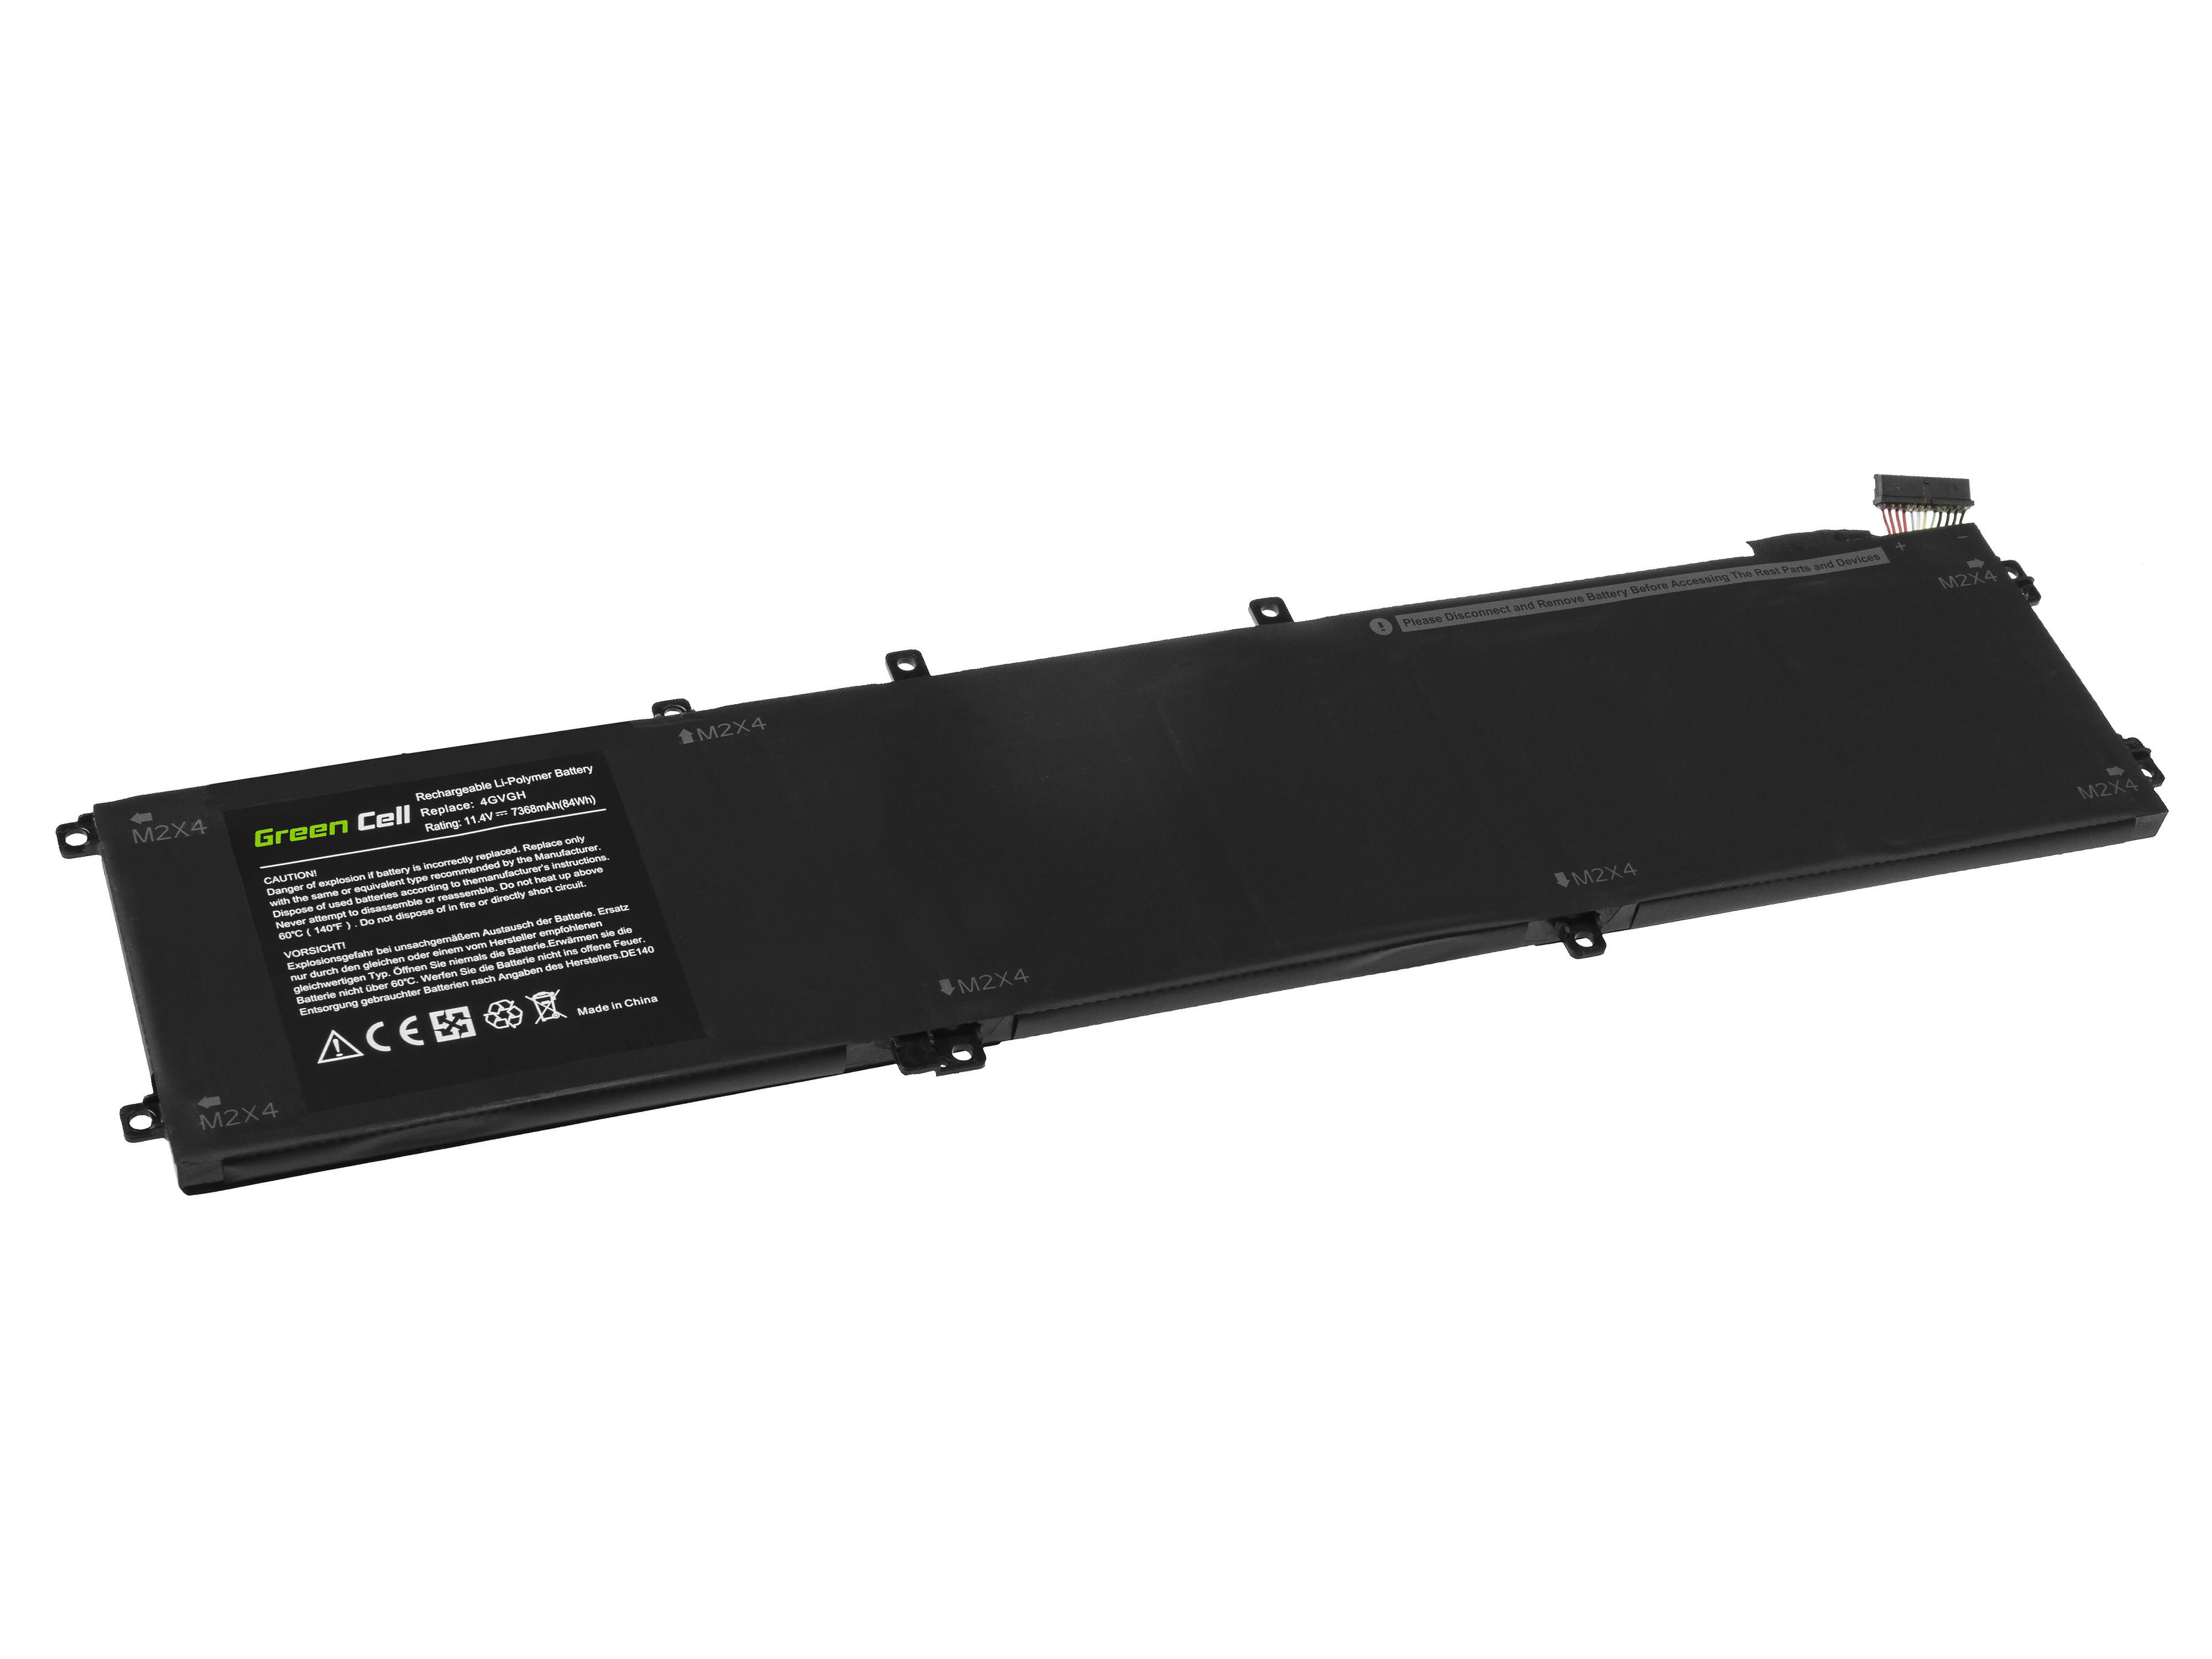 Green Cell Baterie 4GVGH pro Dell XPS 15 9550, Dell Precision 5510